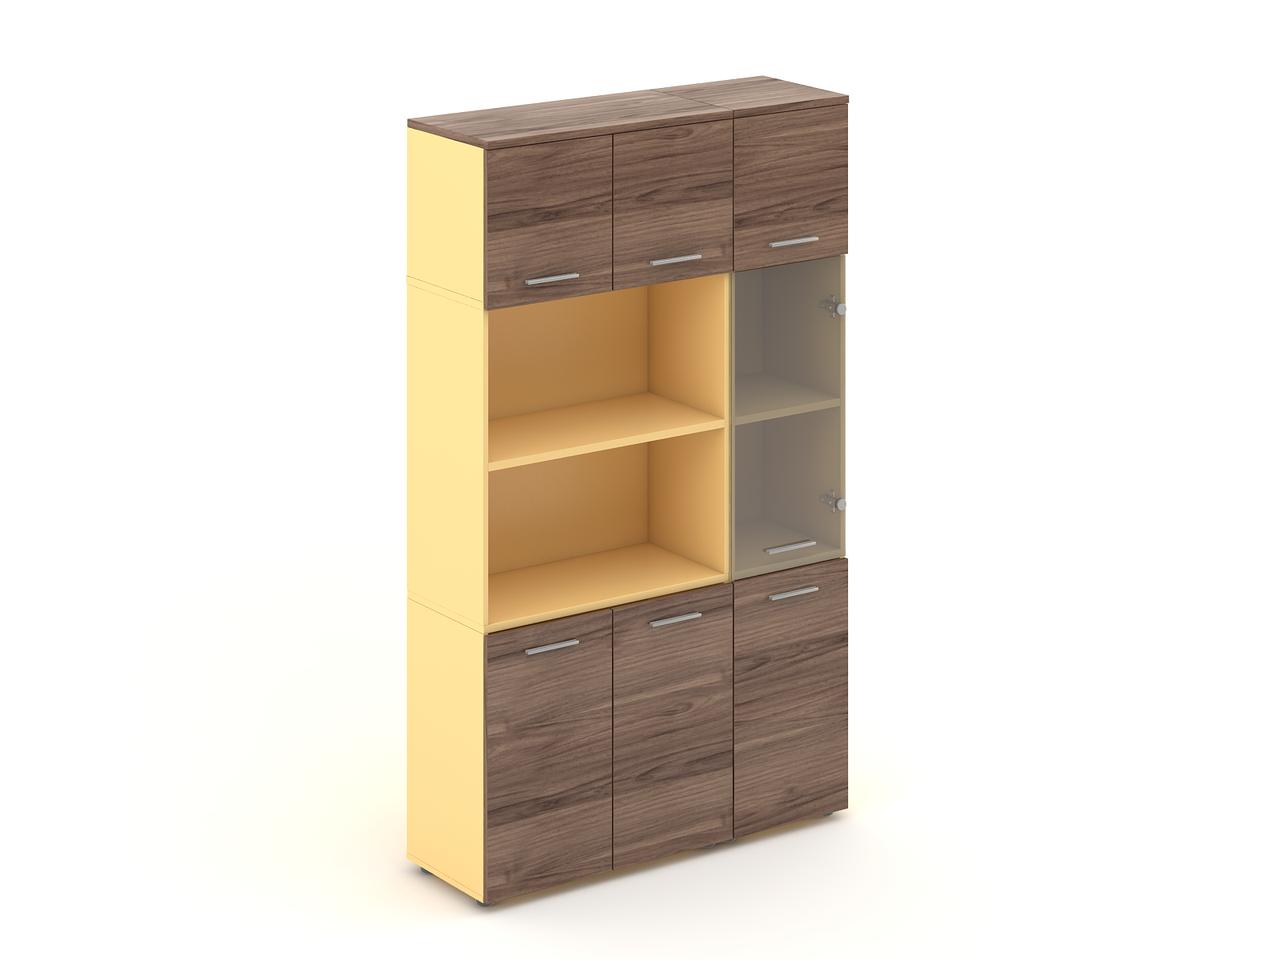 Комплект мебели для персонала серии Прайм композиция №16 ТМ MConcept